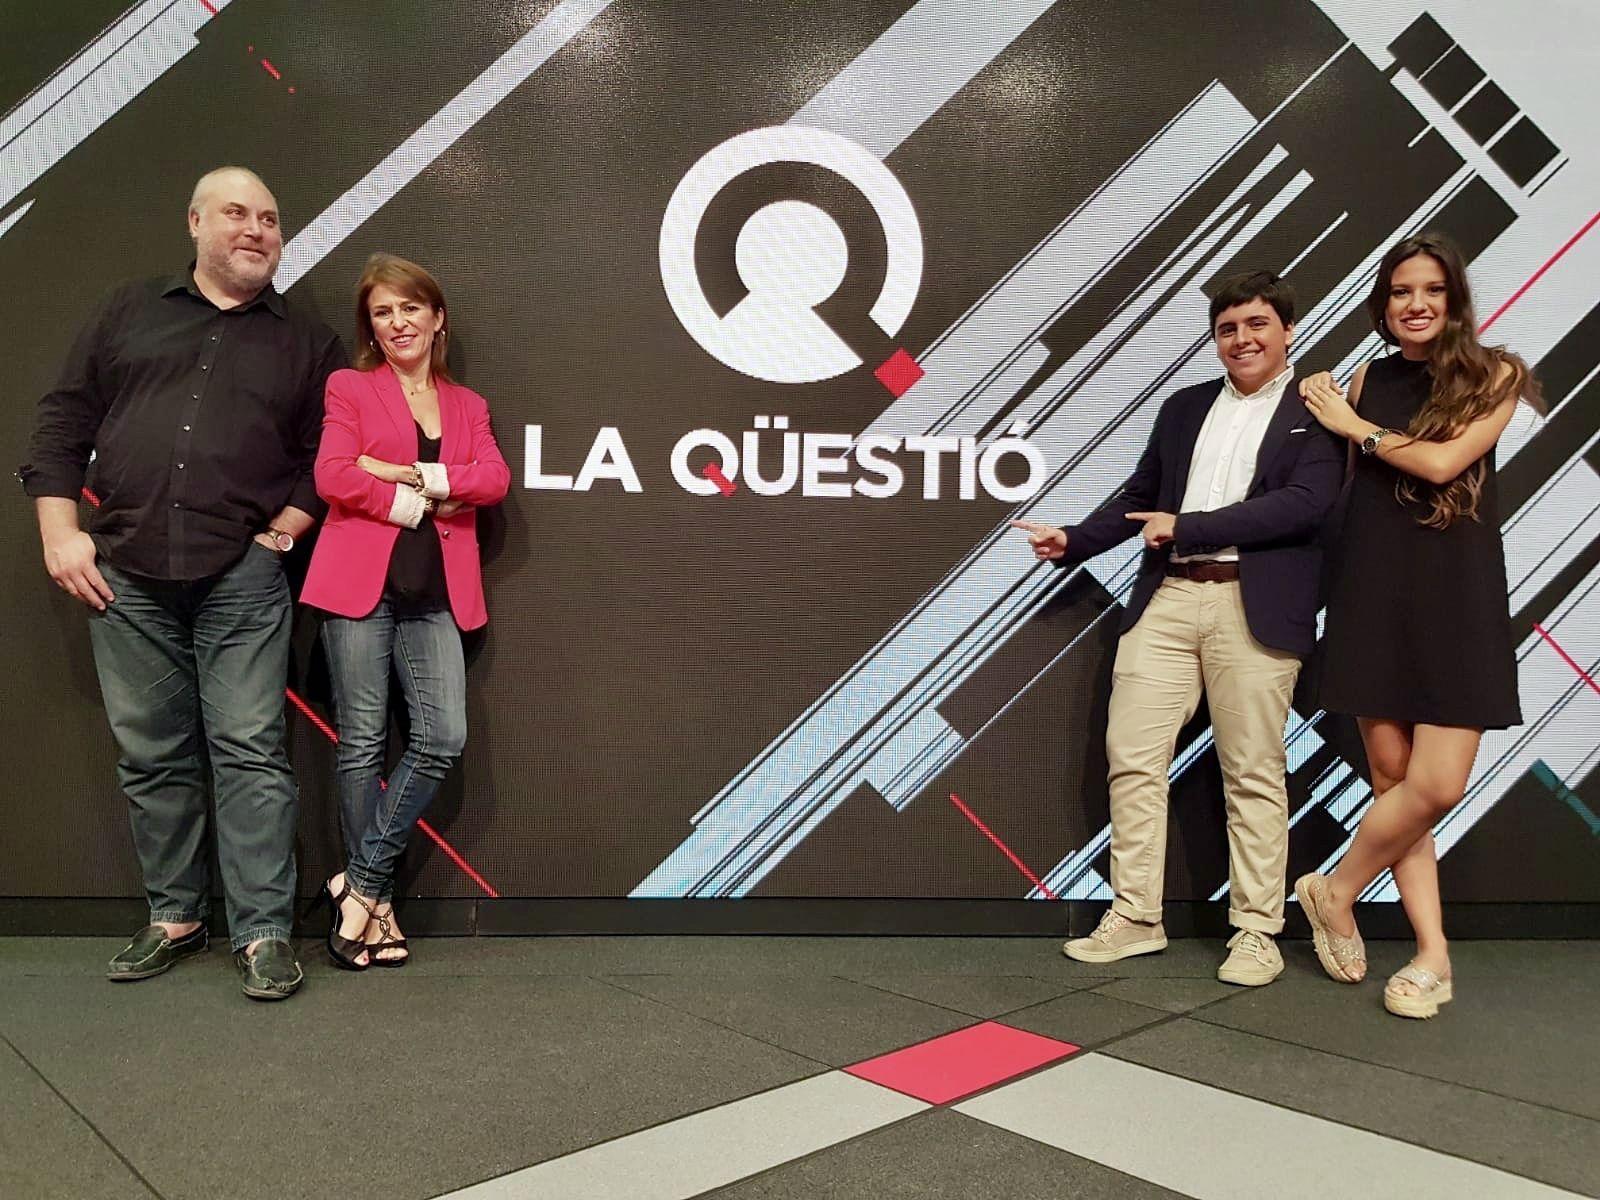 El Vicedecano de Comunicación Audiovisual y la Vicedecana de Periodismo asistieron como público al programa.